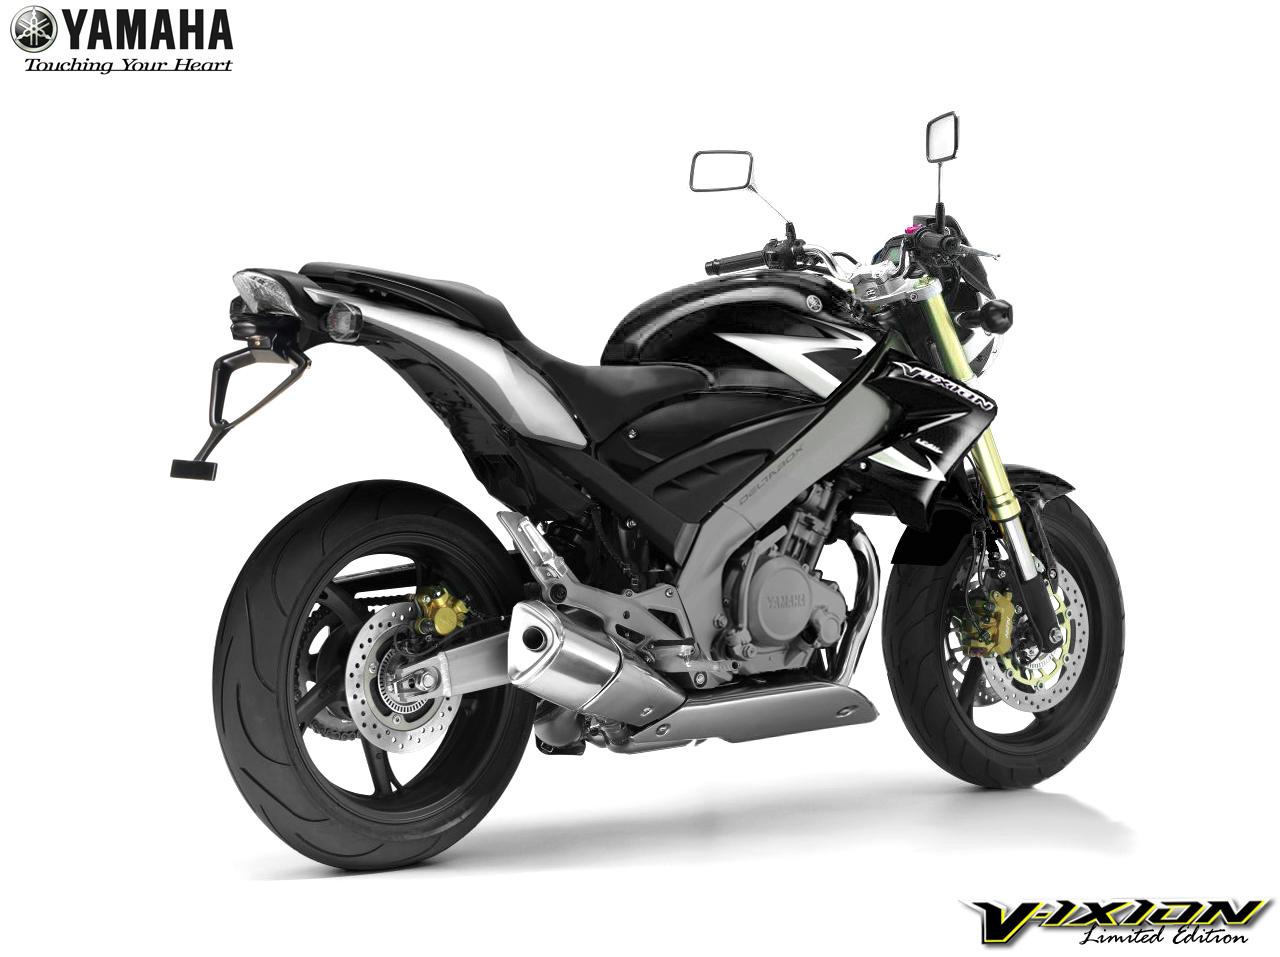 http://2.bp.blogspot.com/_mwzxyywxcGA/THIKSMixaYI/AAAAAAAAA_E/438l3kjs4Bs/s1600/yamaha+vixion+limited+edition+black.jpg